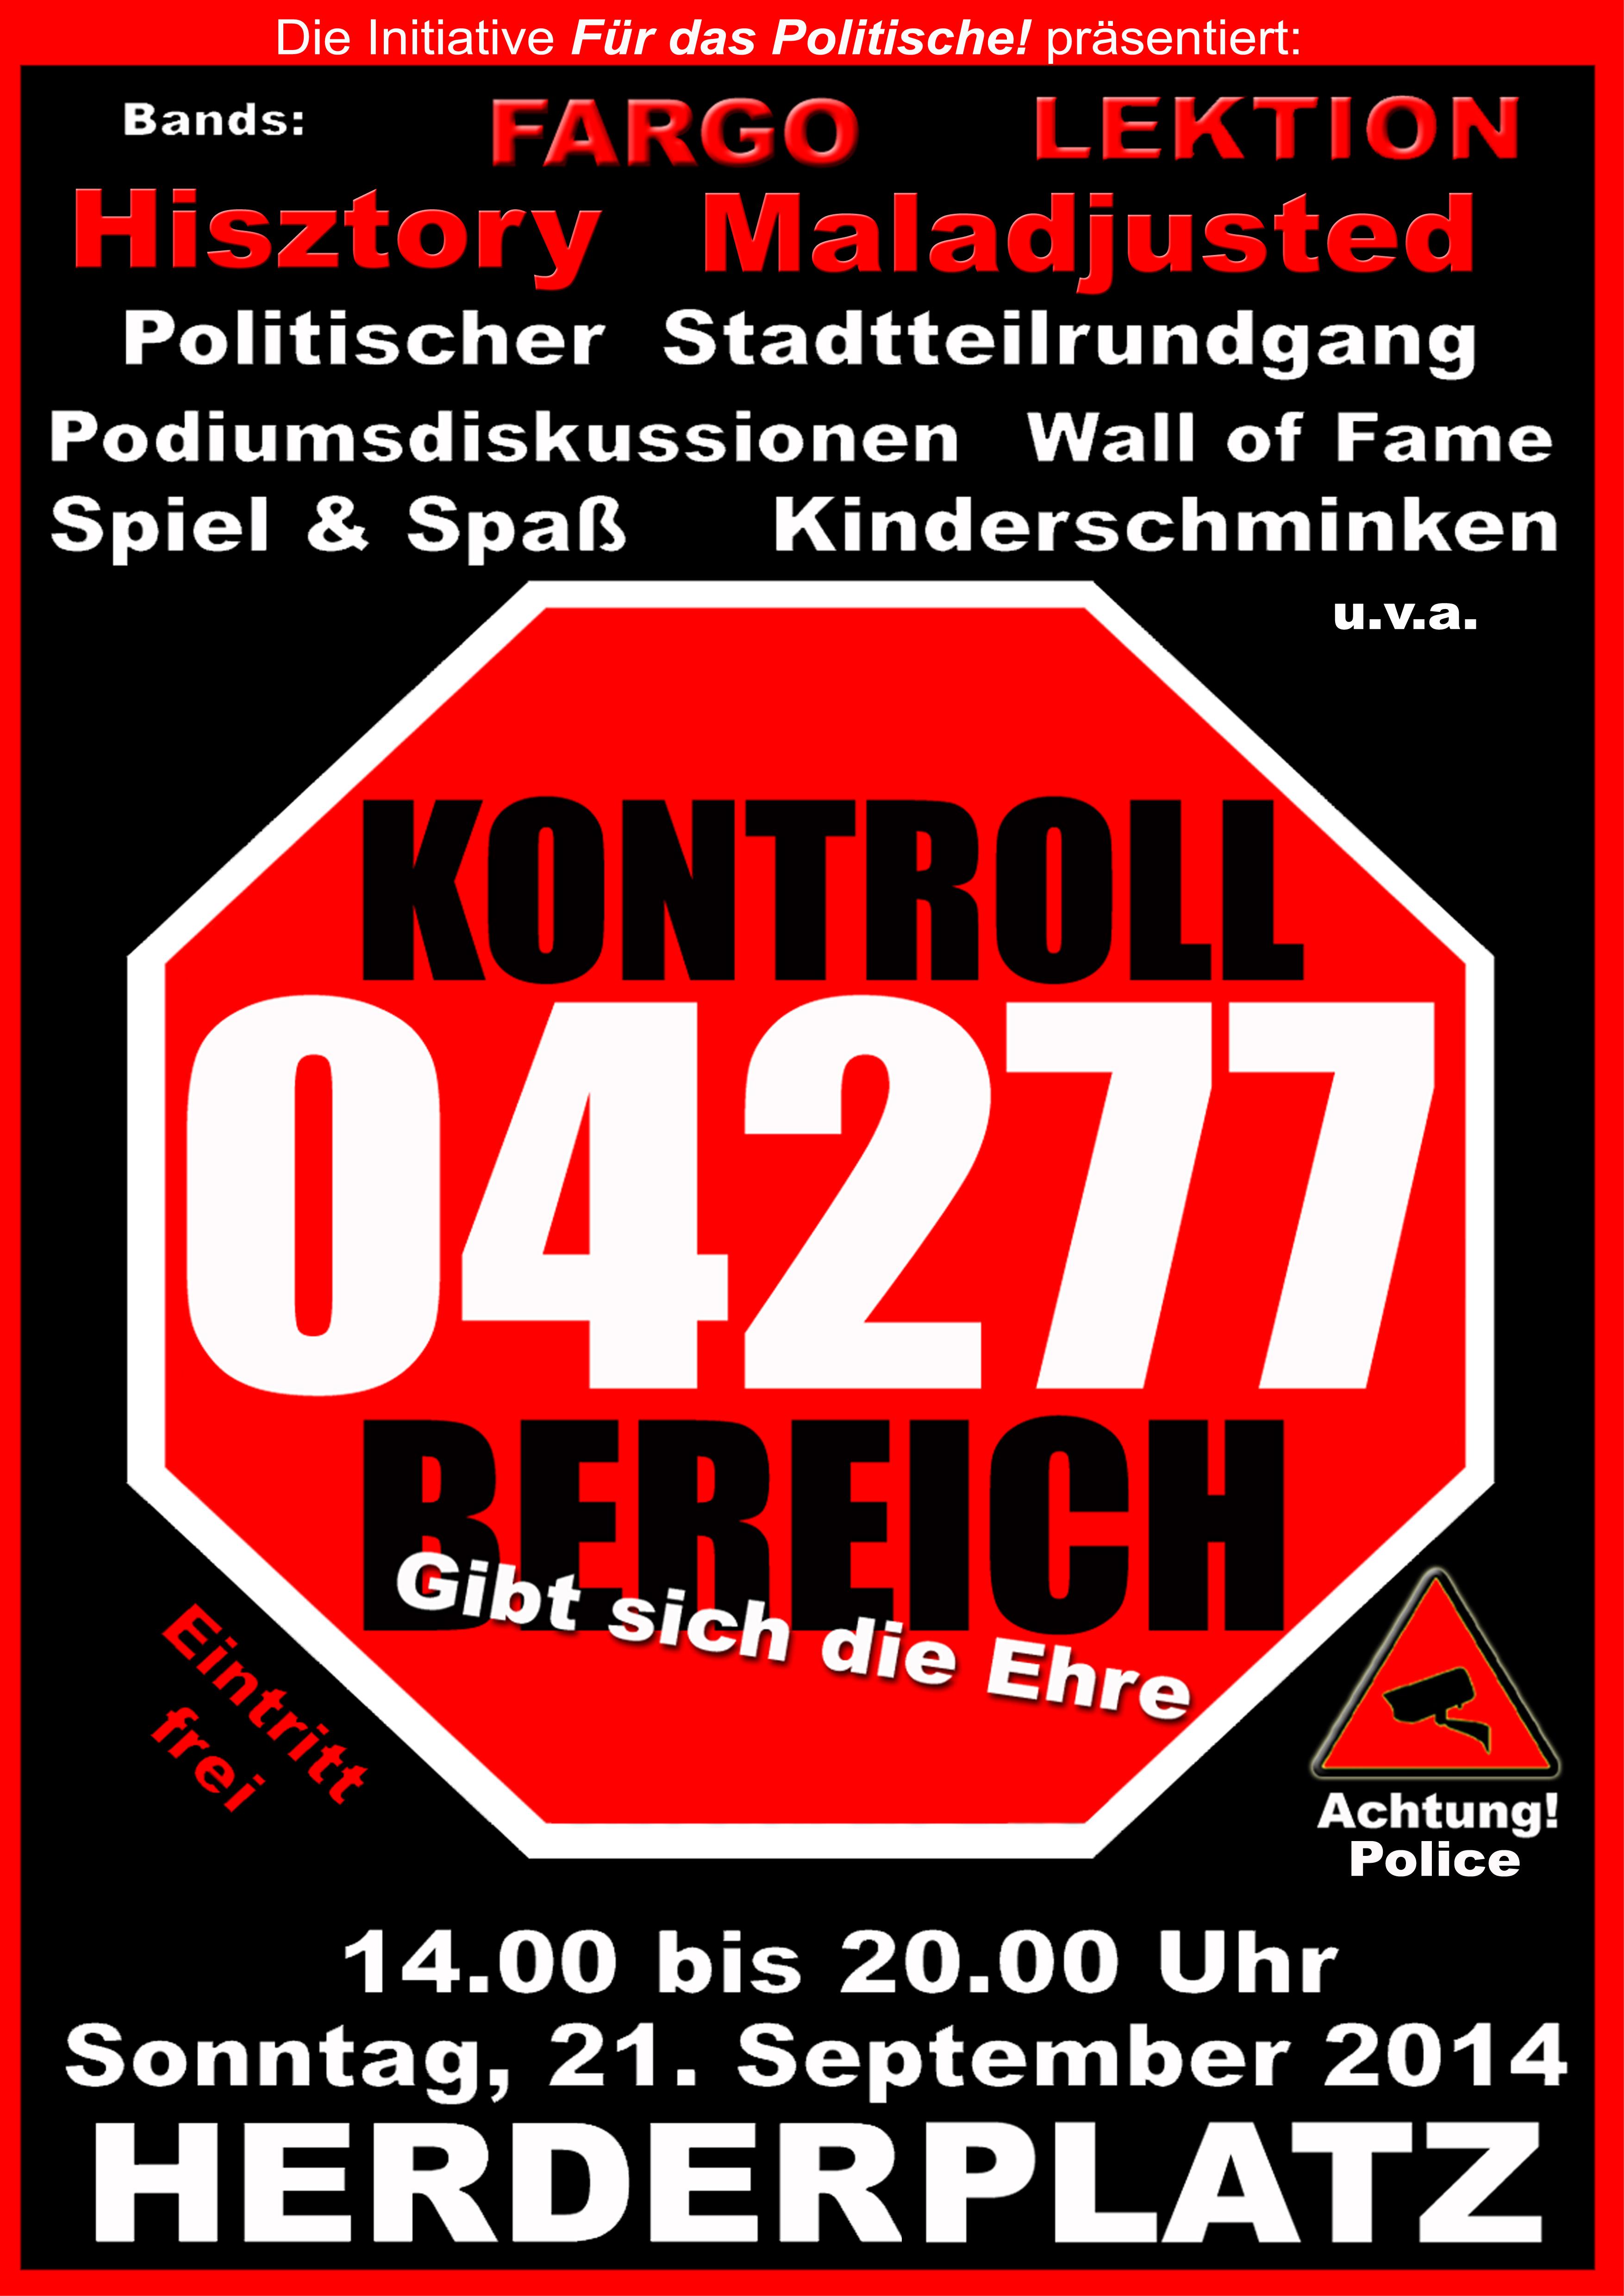 Kontrollbereich_04277_large